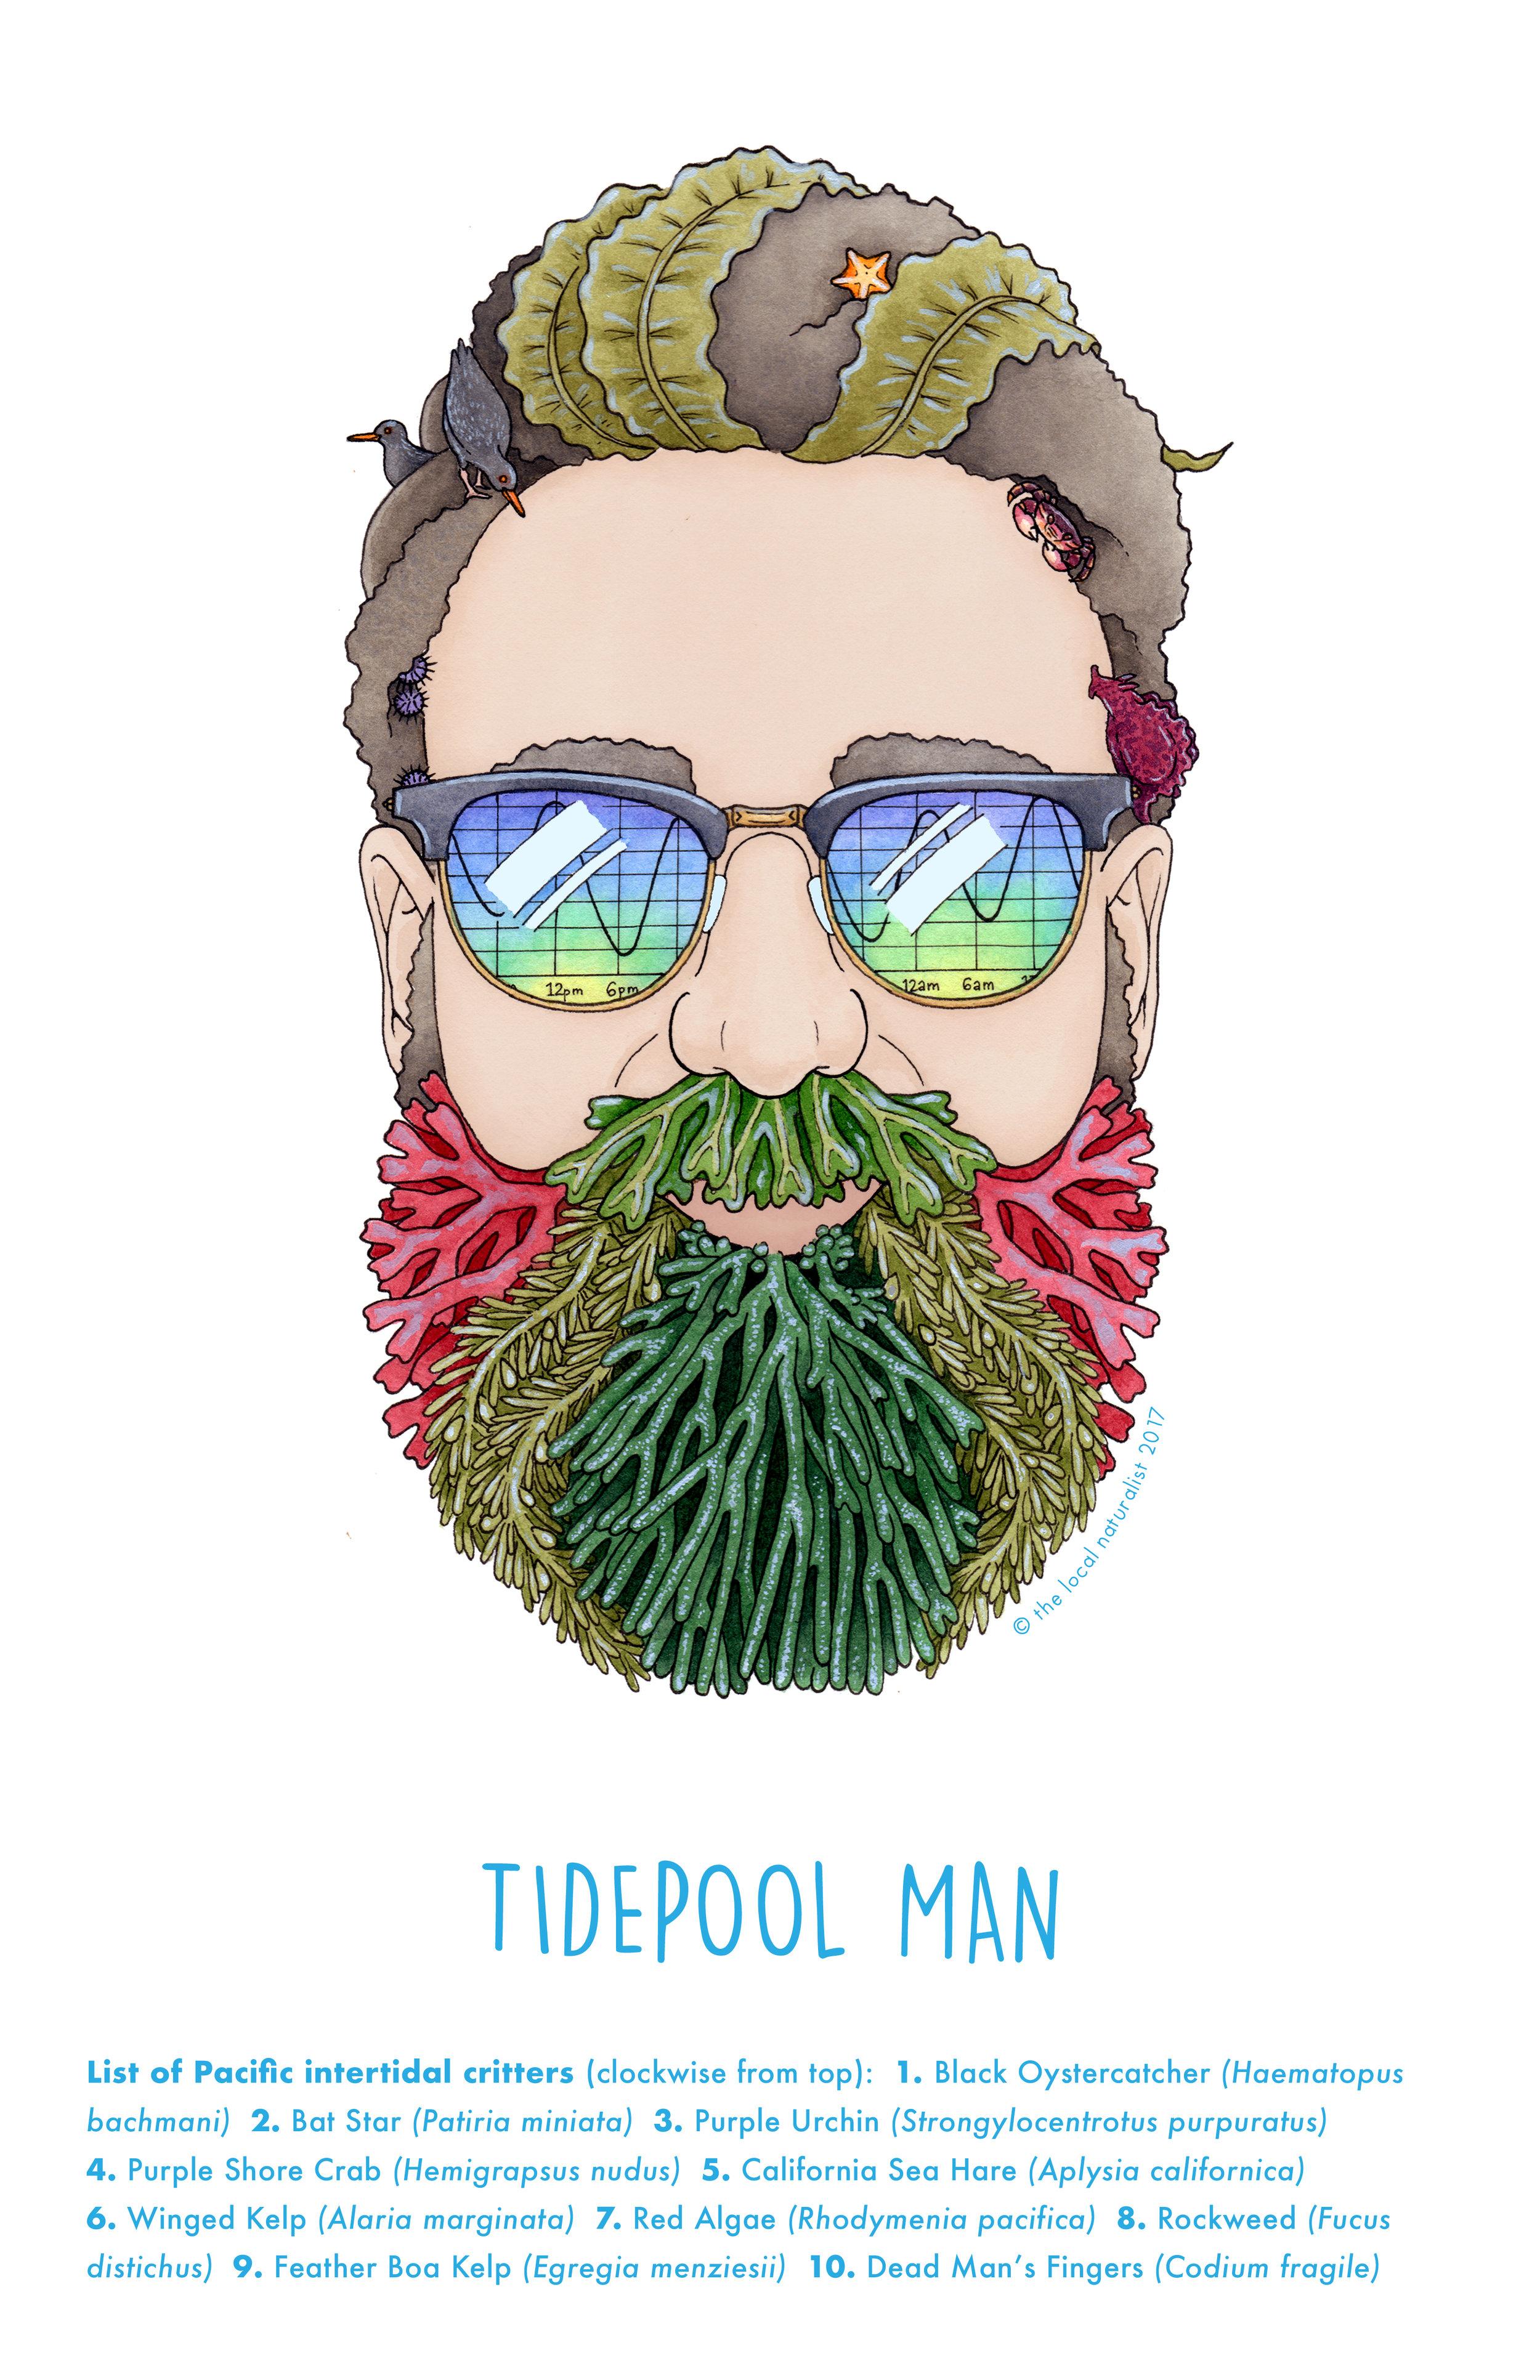 Tidepool Man